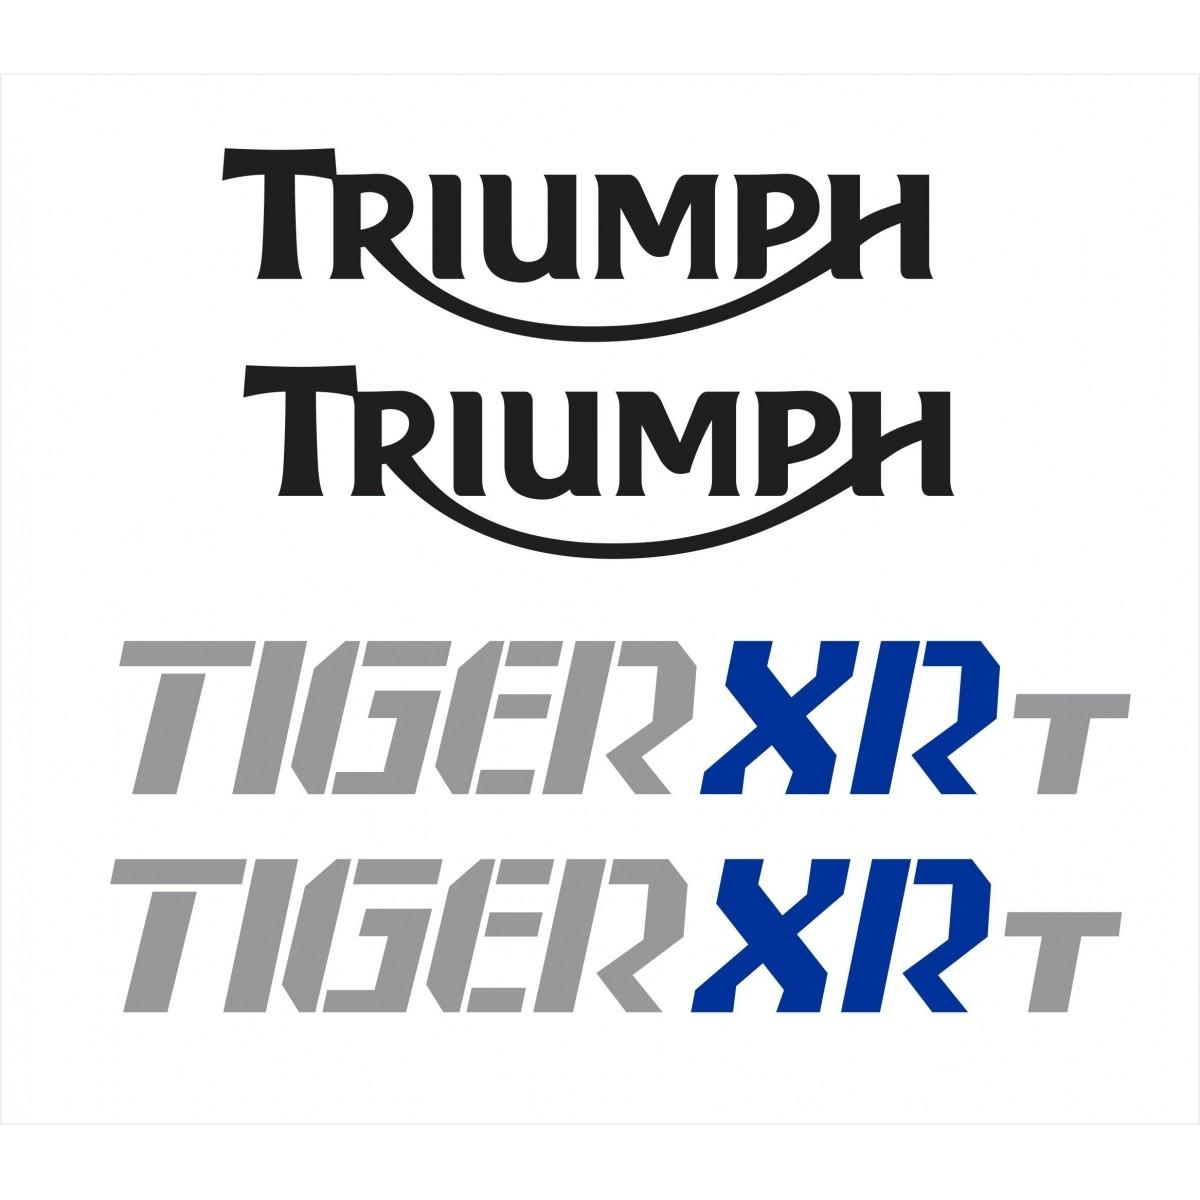 Kit Adesivo Triumph Tiger 800xrt 800 Xrt Branca Tg027